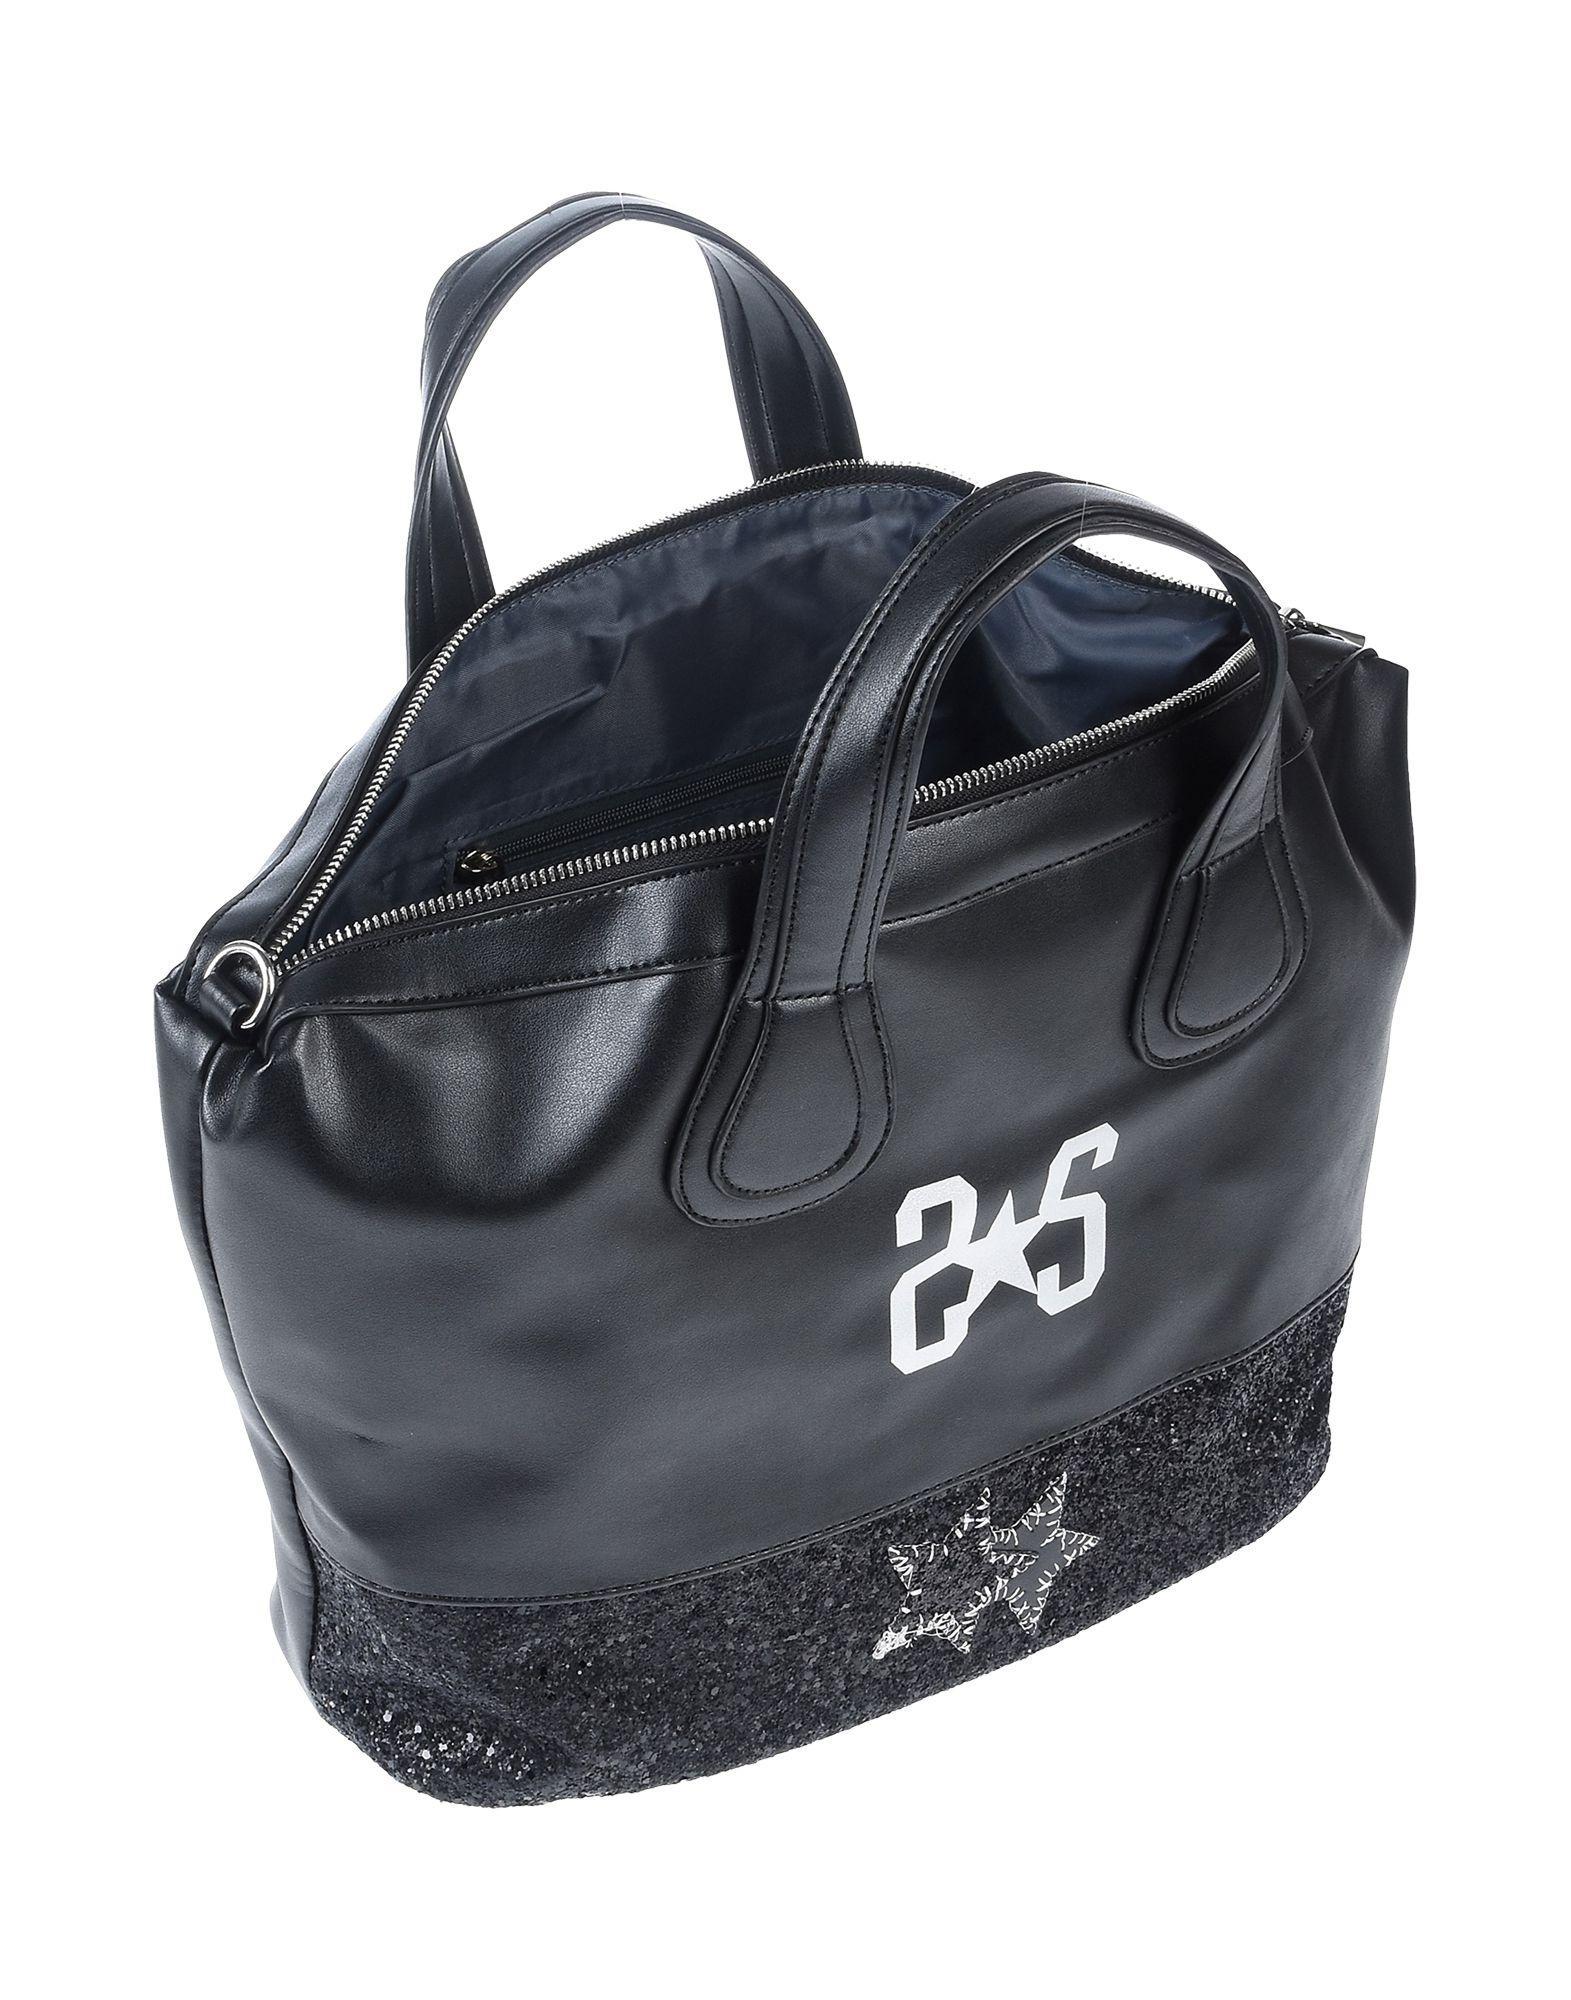 2Star Handtaschen in Schwarz HhaRZ